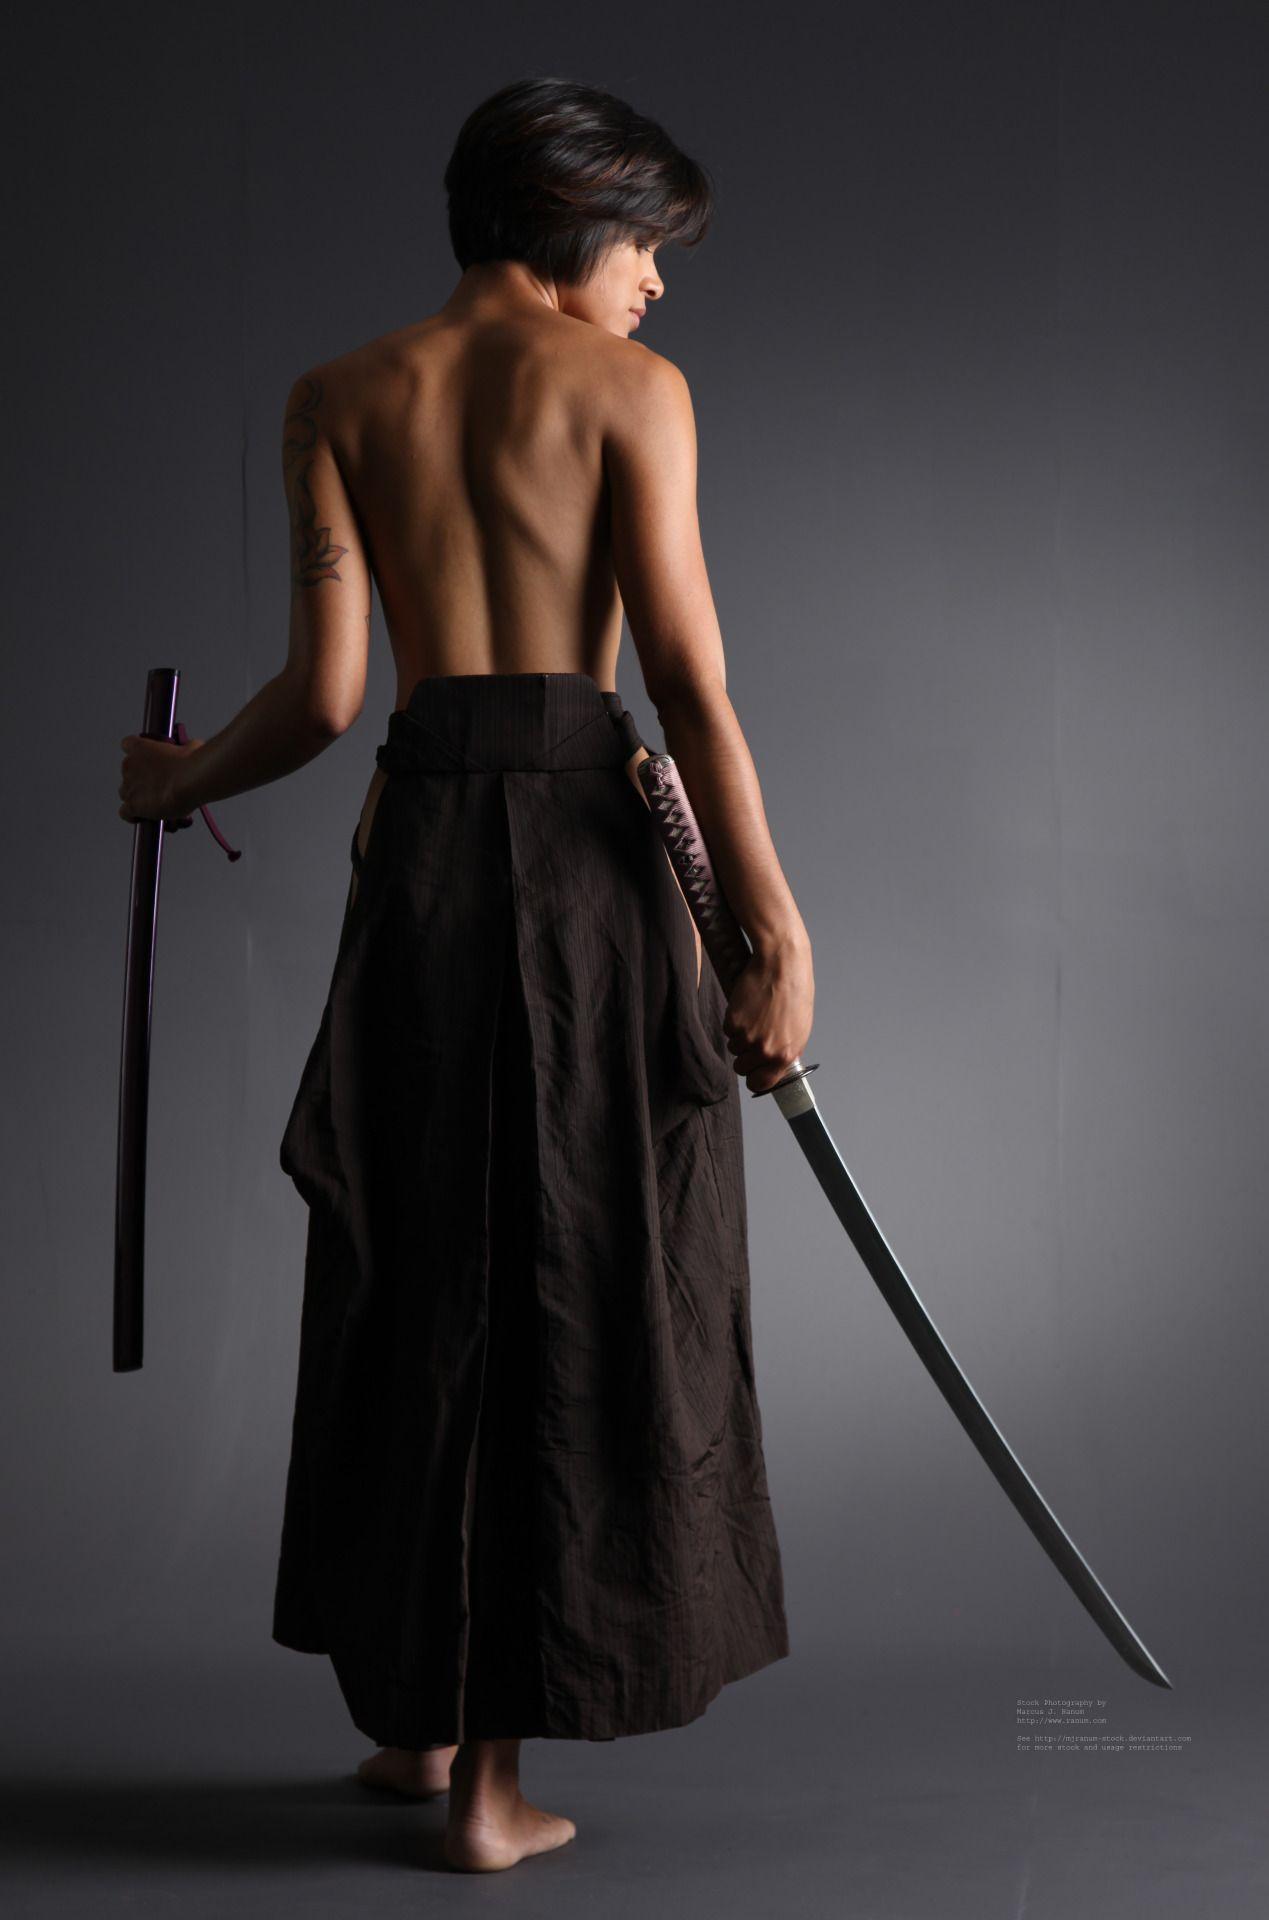 katana #sword #katana girl #katana babe #nude | K A T A N A ...